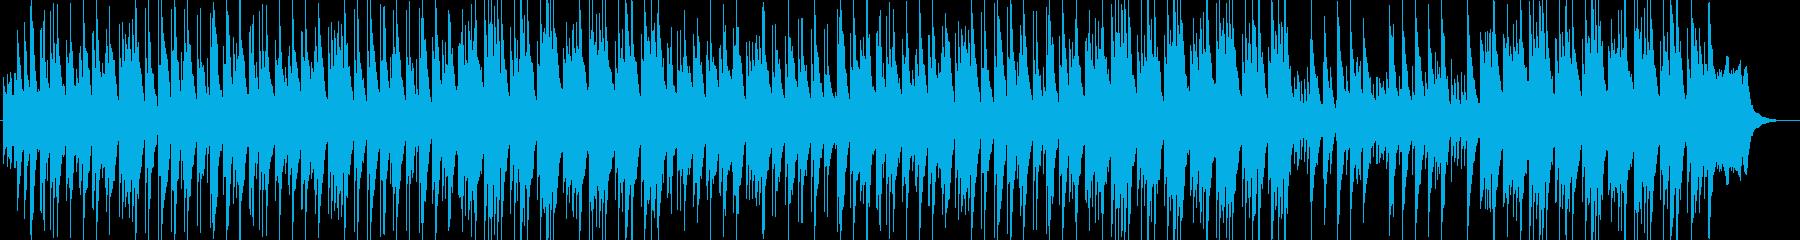 優しく美しいシンセ・ピアノサウンドの再生済みの波形